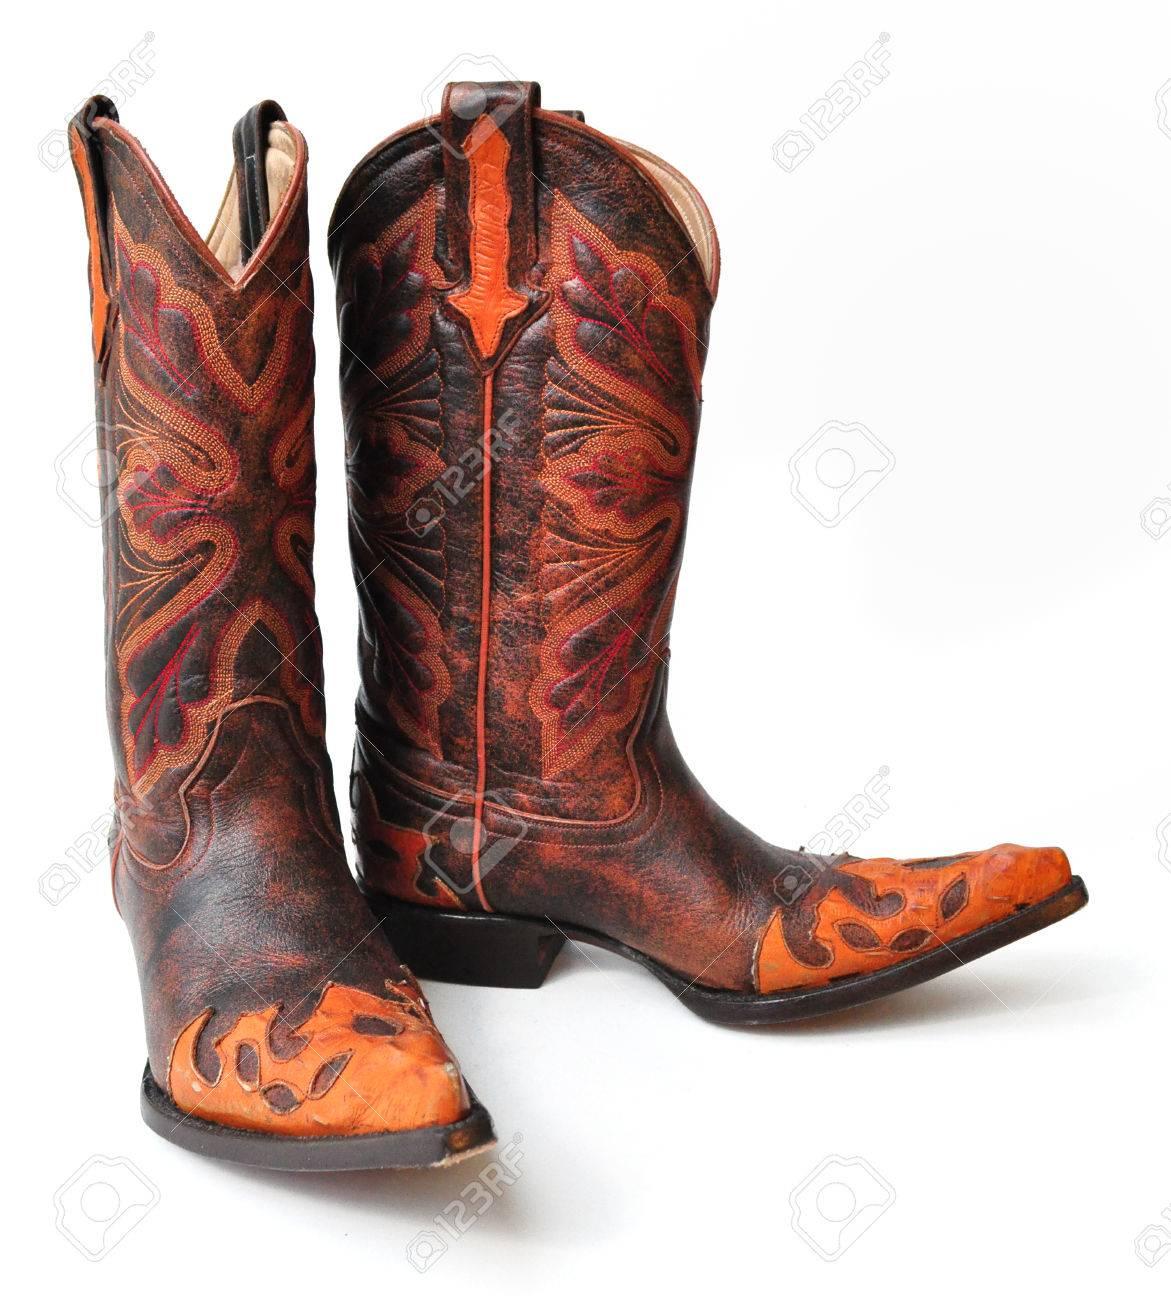 Cheap Cowboy Boots For Women 2017 | Cr Boot - Part 238